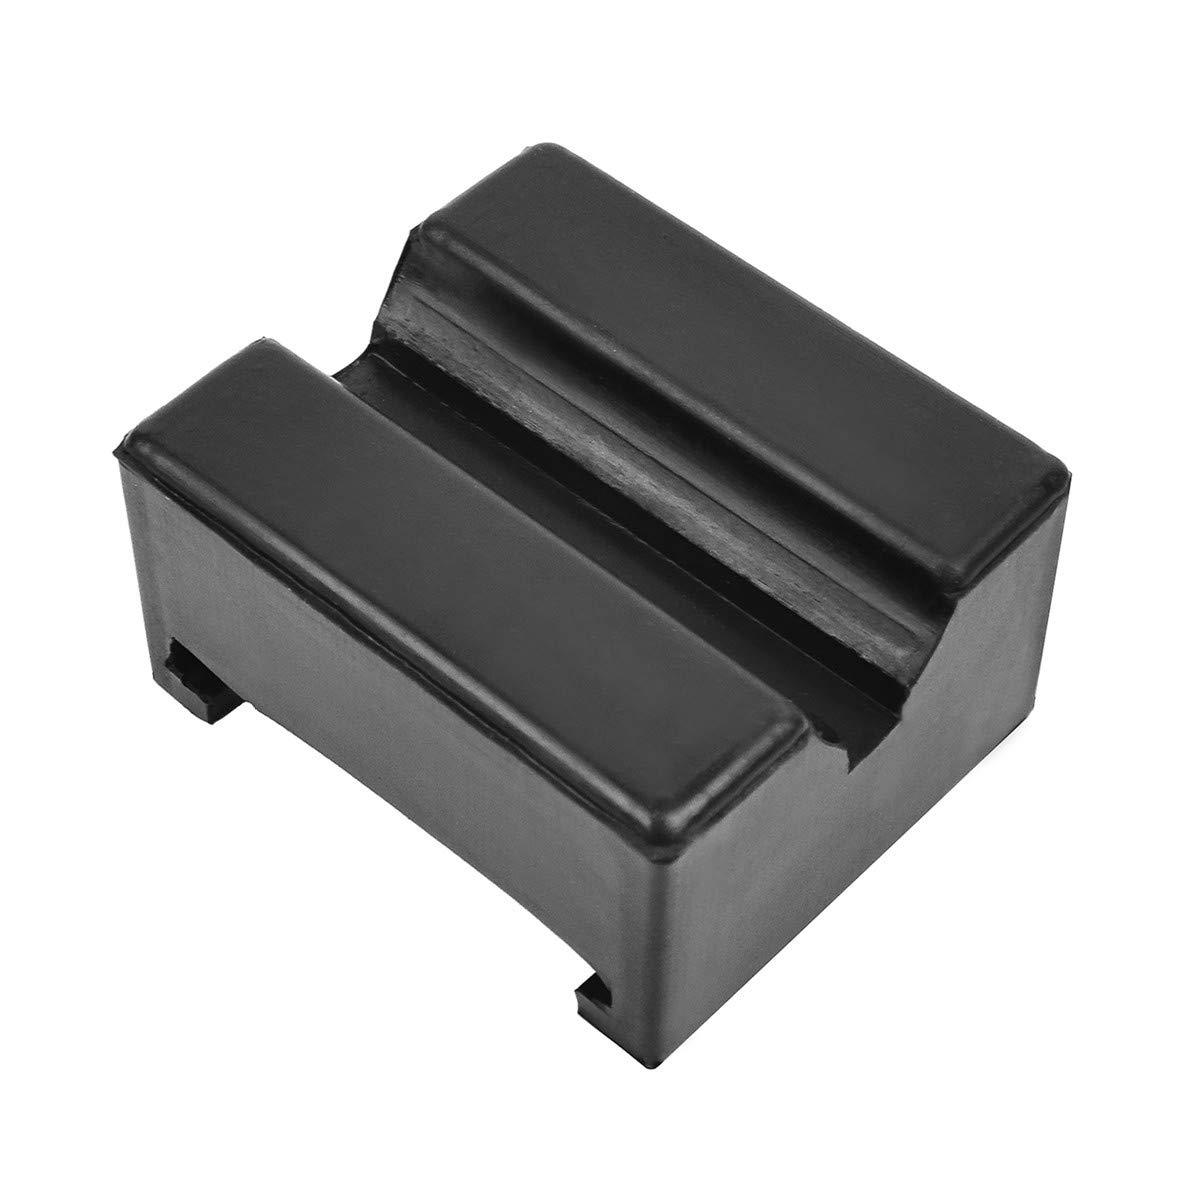 TONGXU Bloque de Goma Forma Cuadrada con Ranura Gato Jack Lift Pad Adaptador de Almohadilla de Elevaci/ón para Protector Veh/ículos Elevador Coche Negro